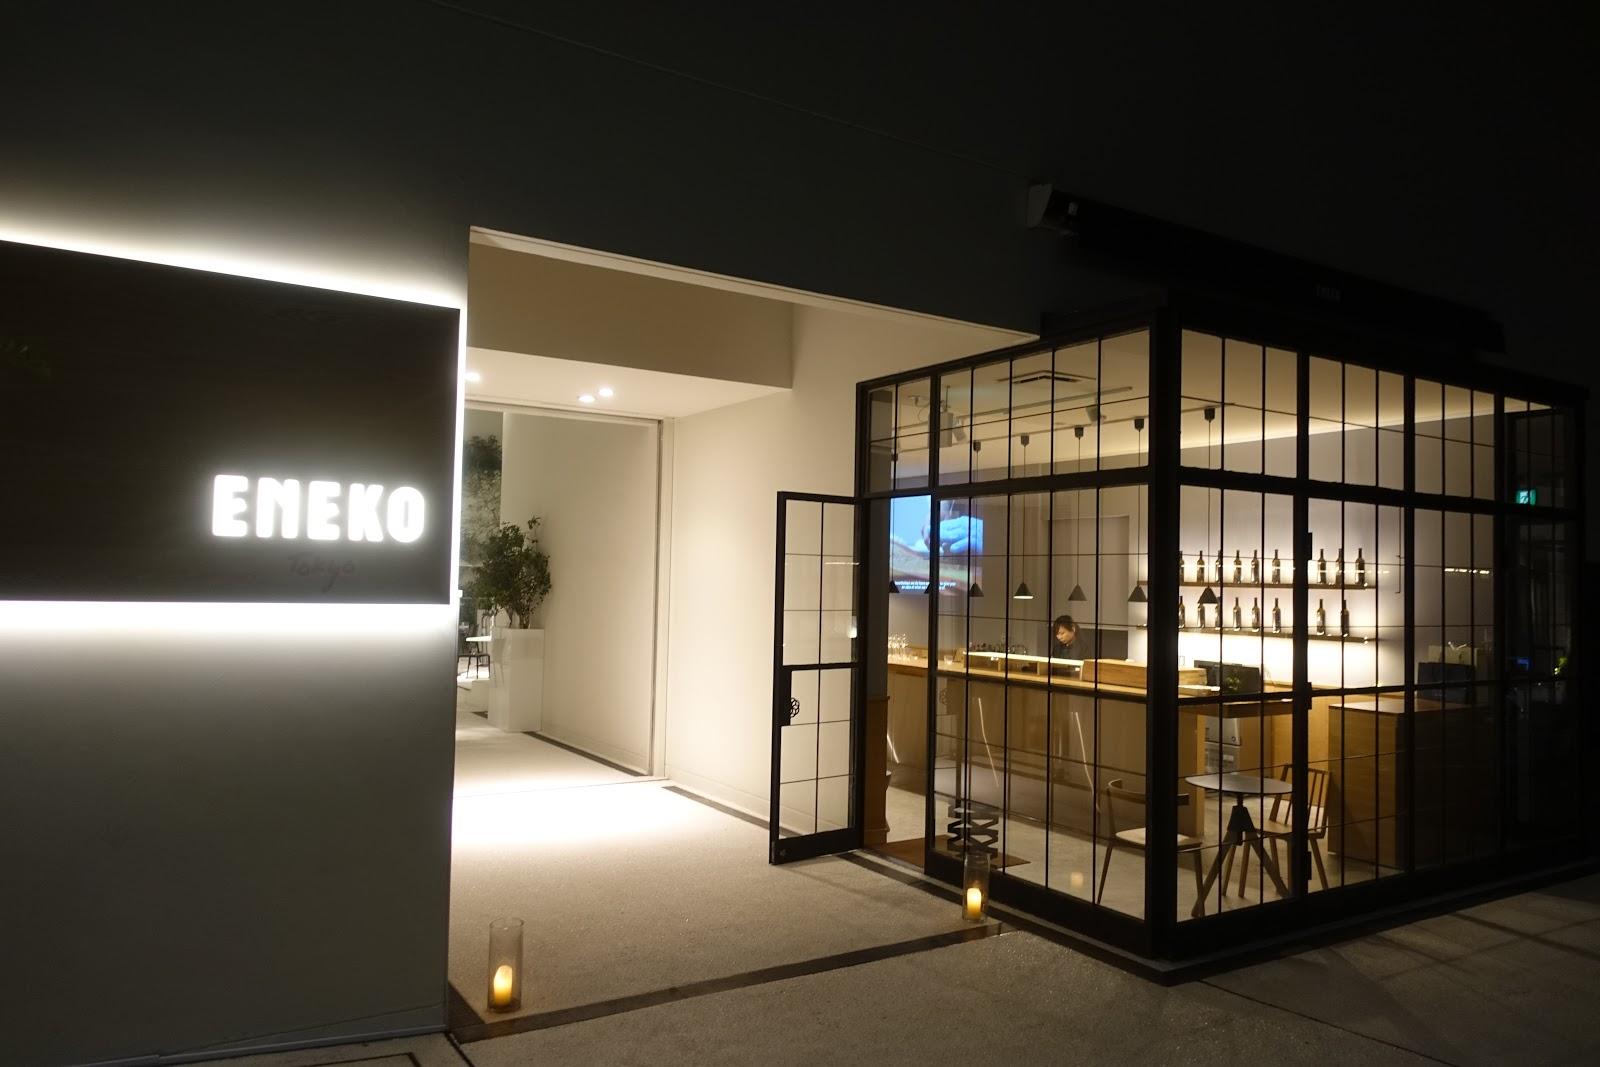 Eneko Tokyo>